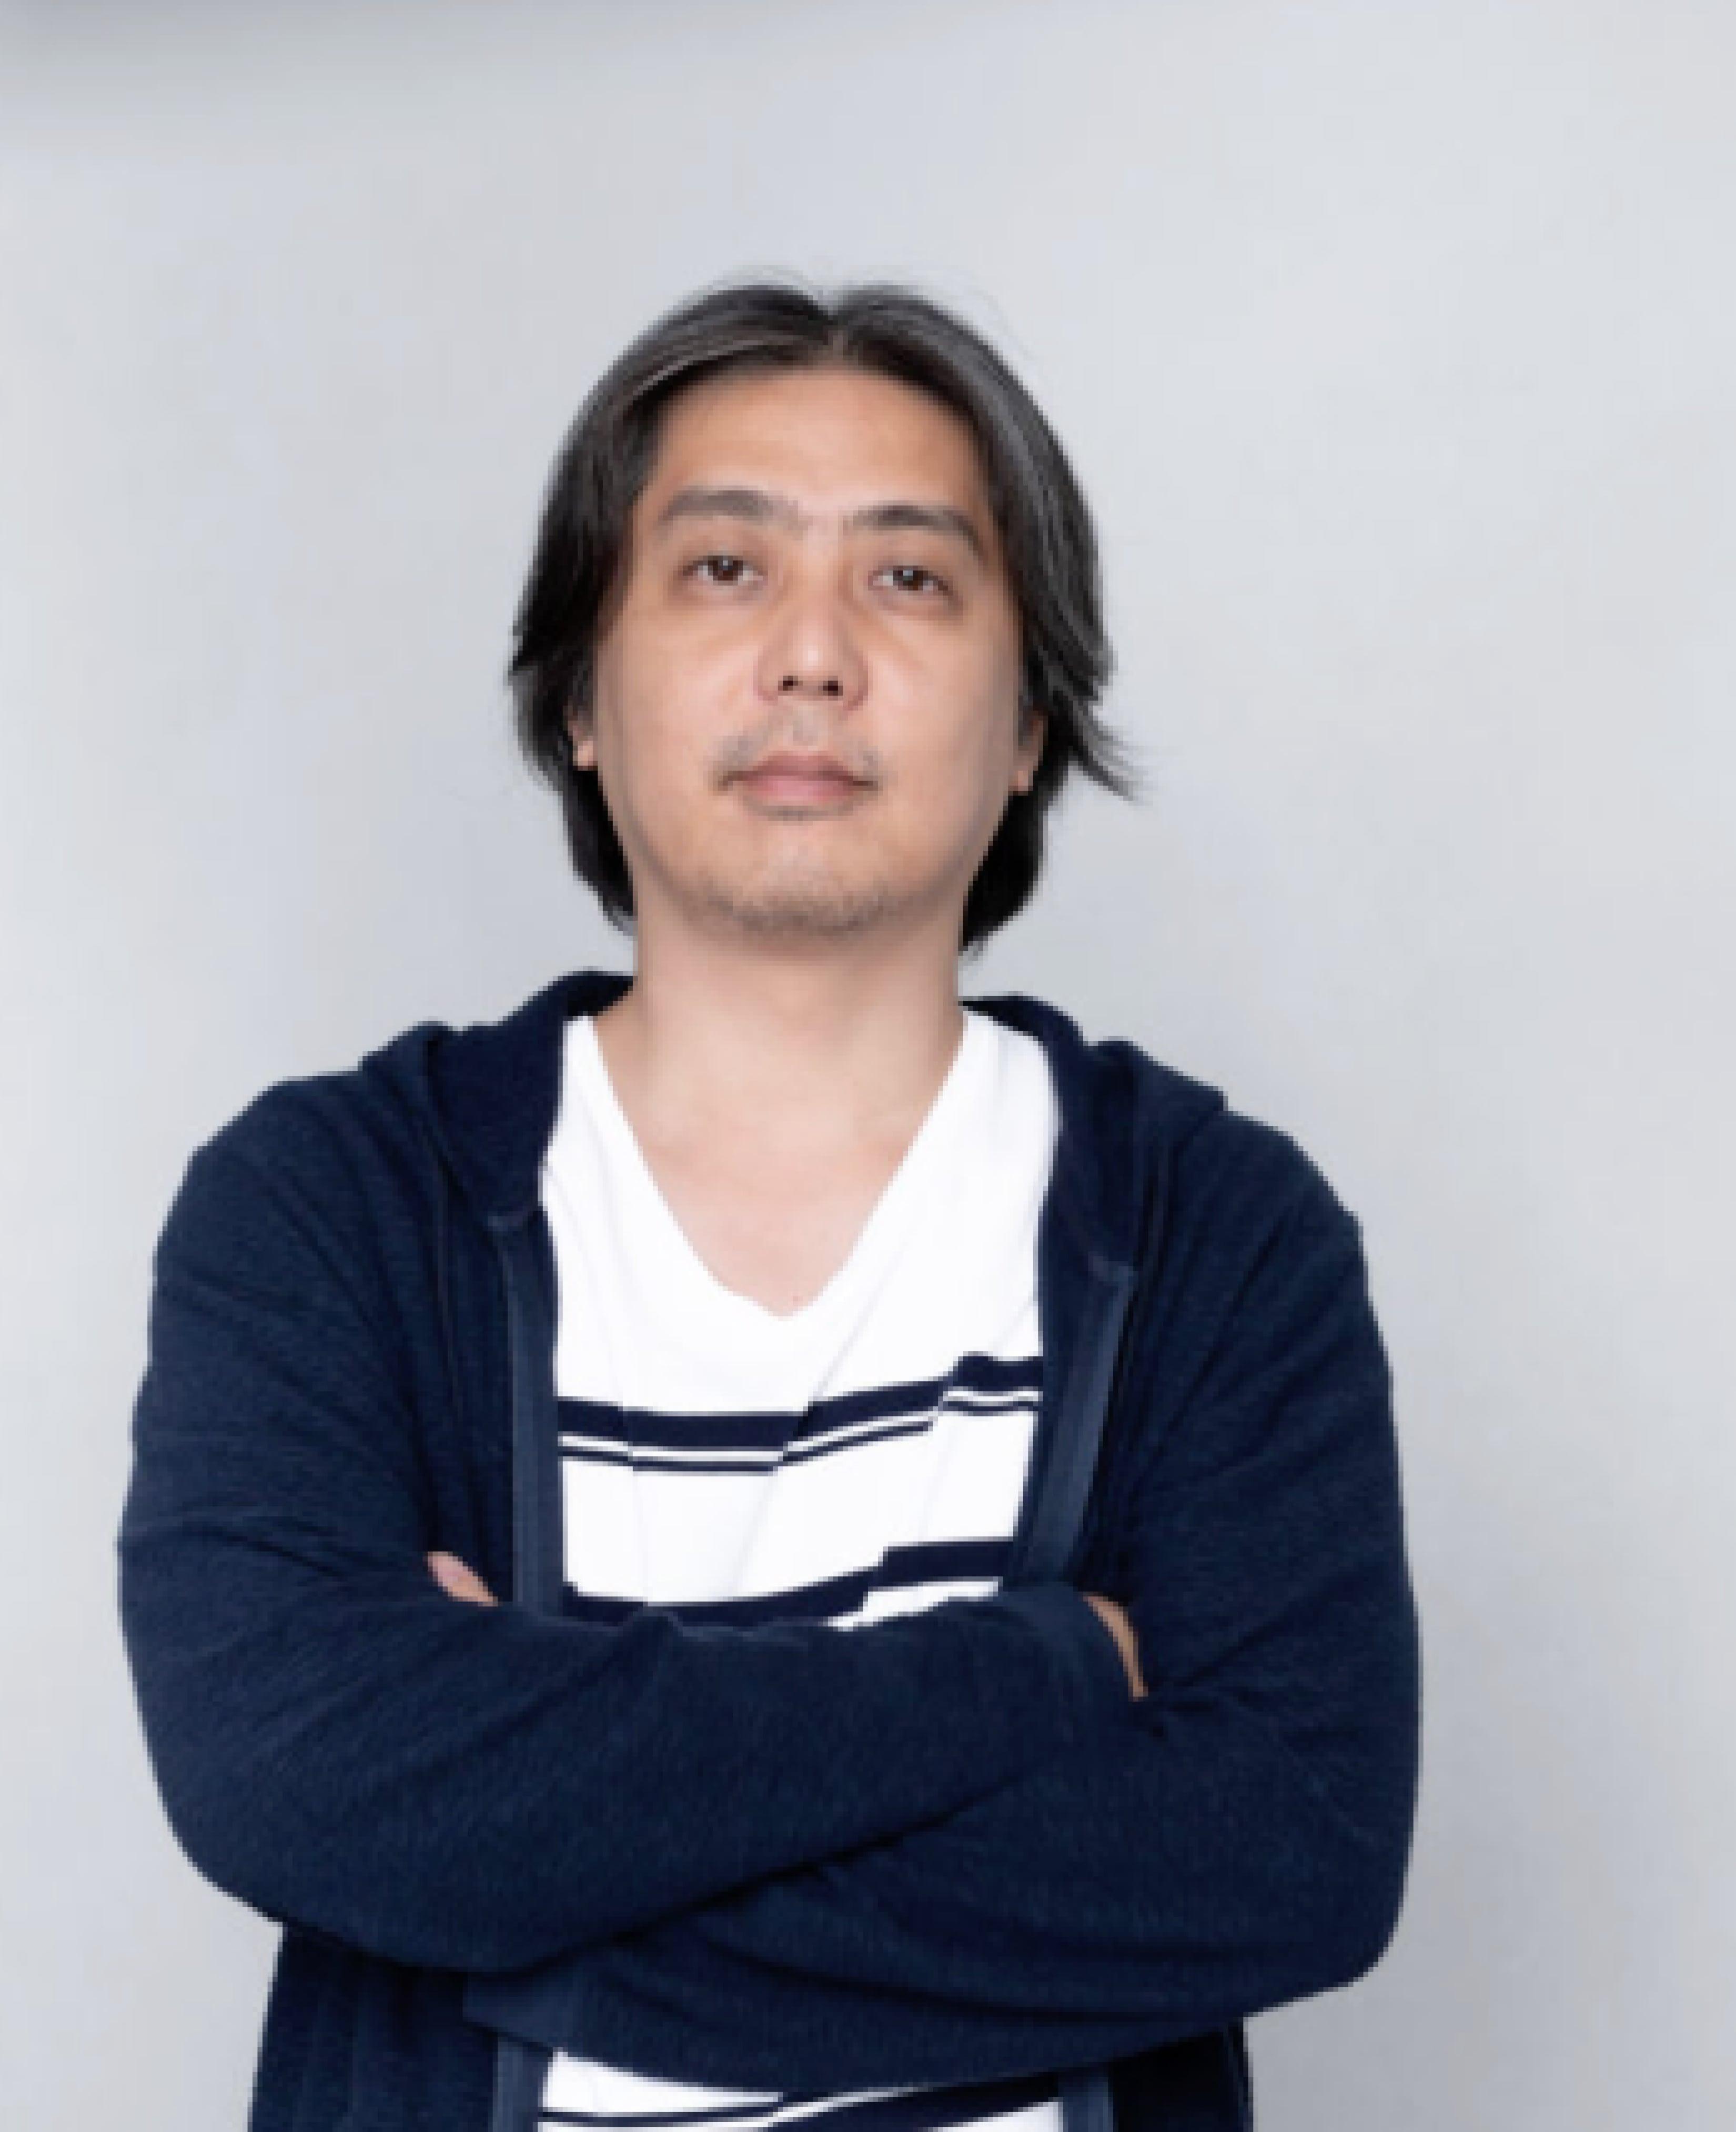 「株式会社ライバー」代表取締役CEO 市川茂浩